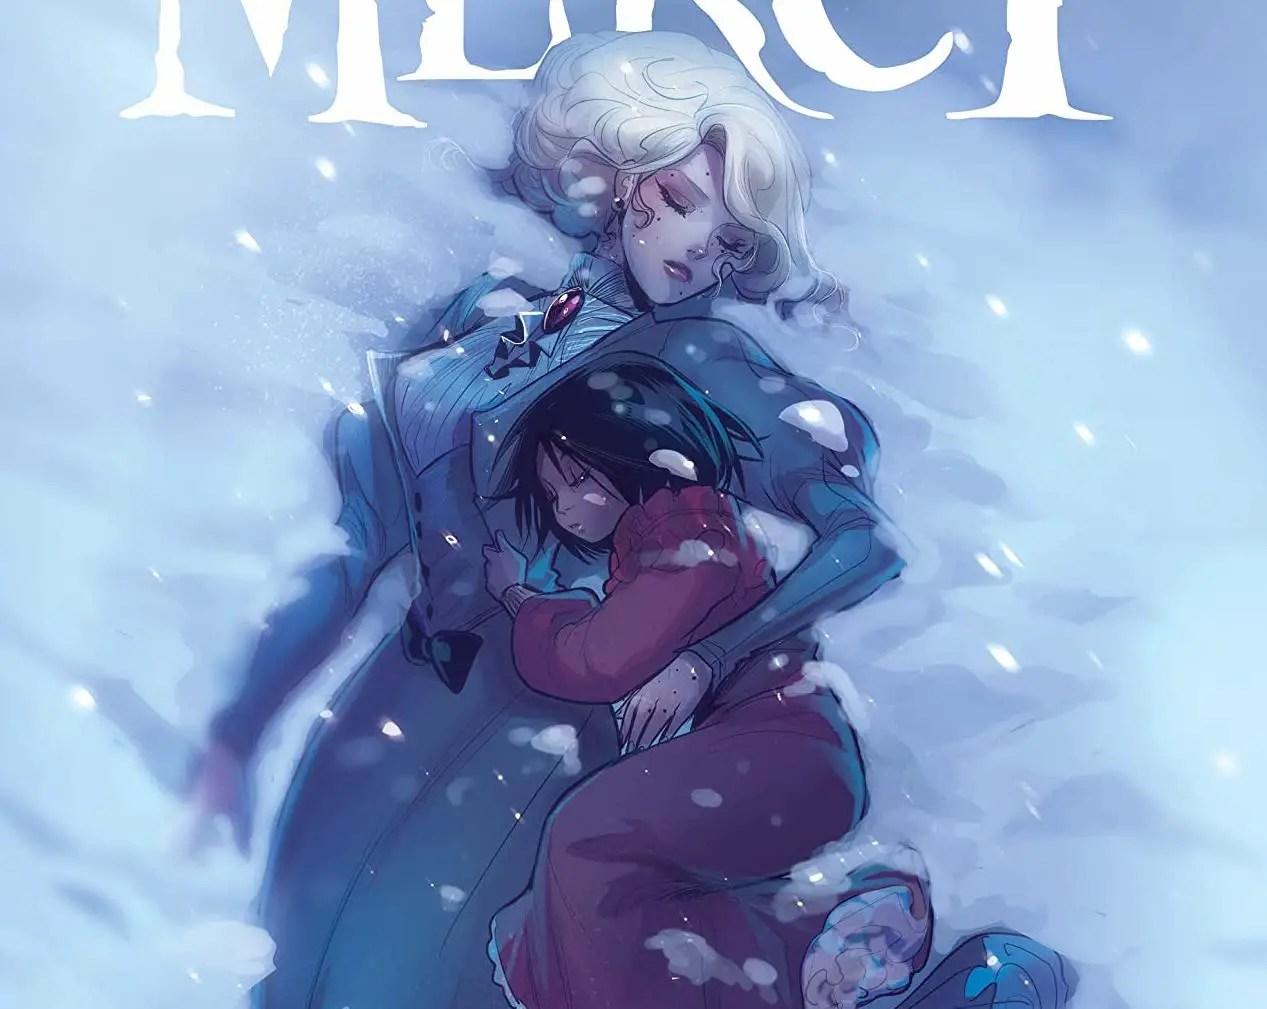 Mirka Andolfo's Mercy #5